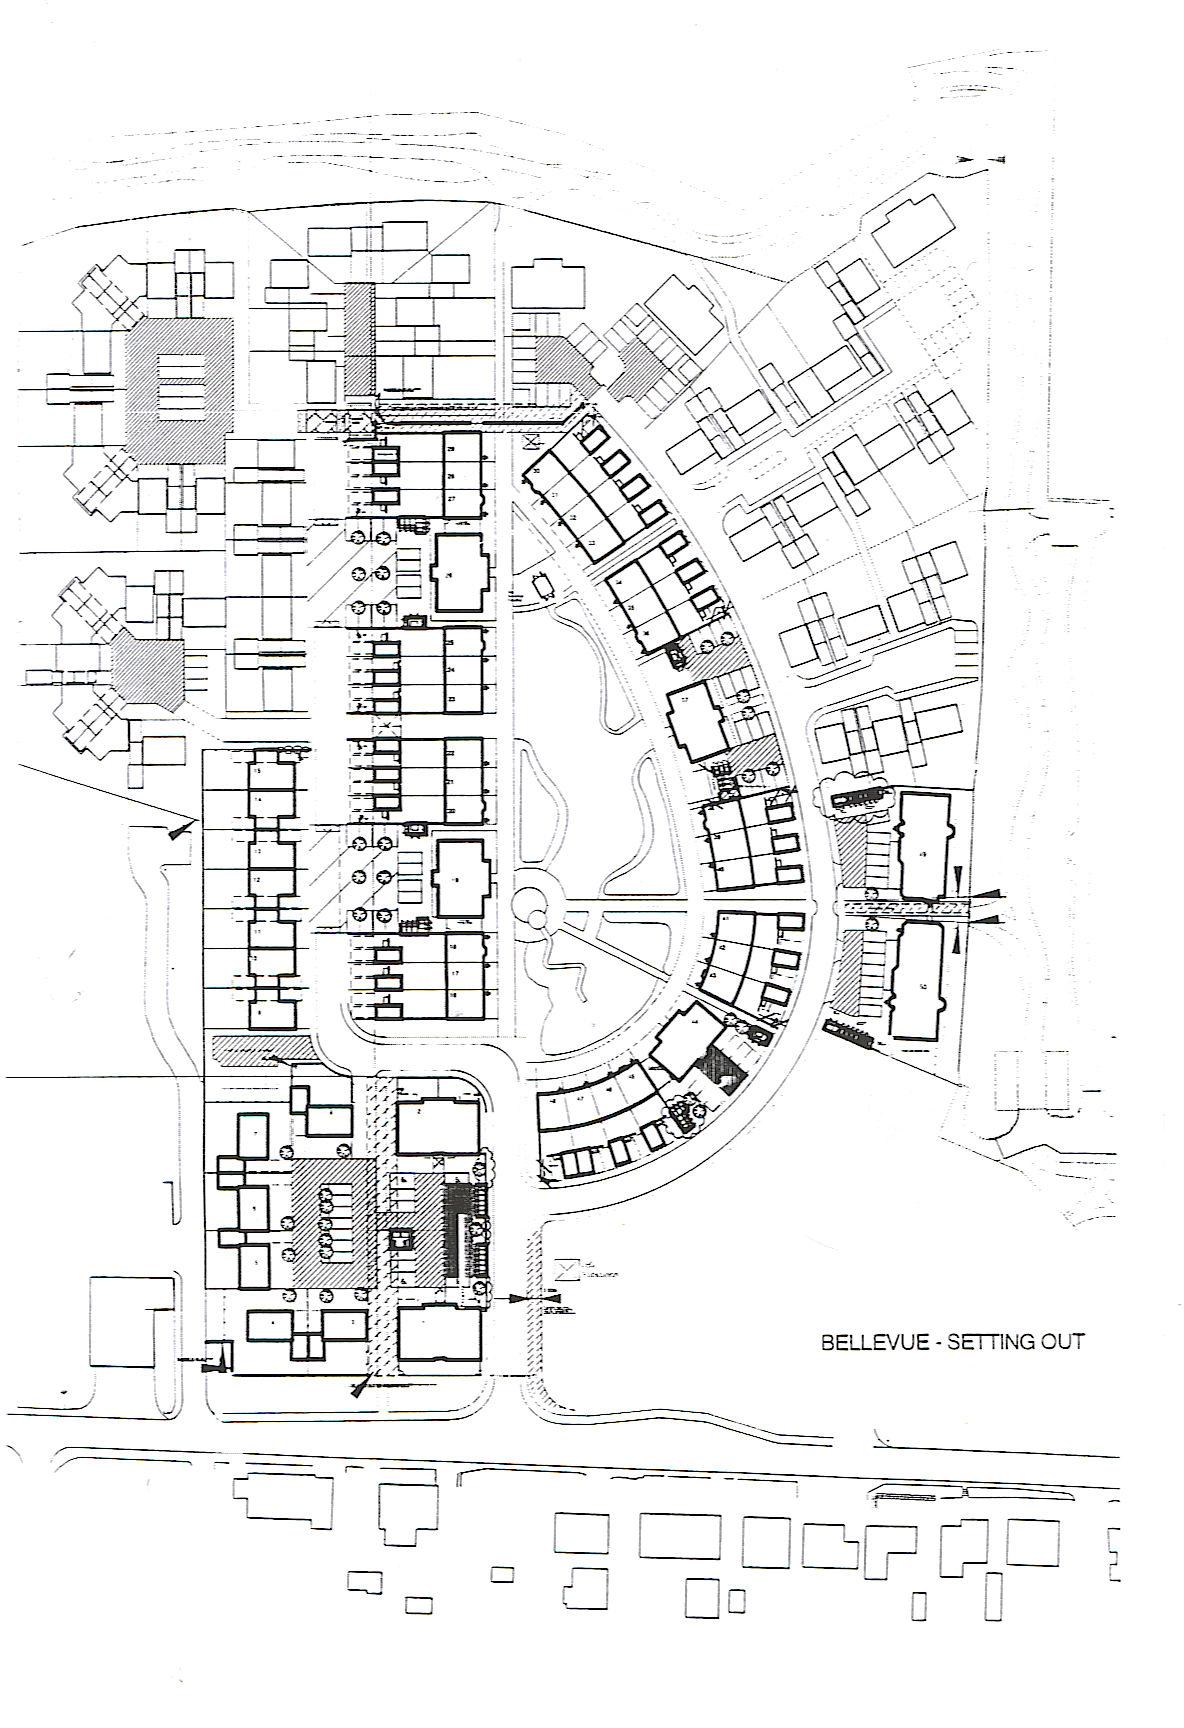 bel site plan 2.jpg